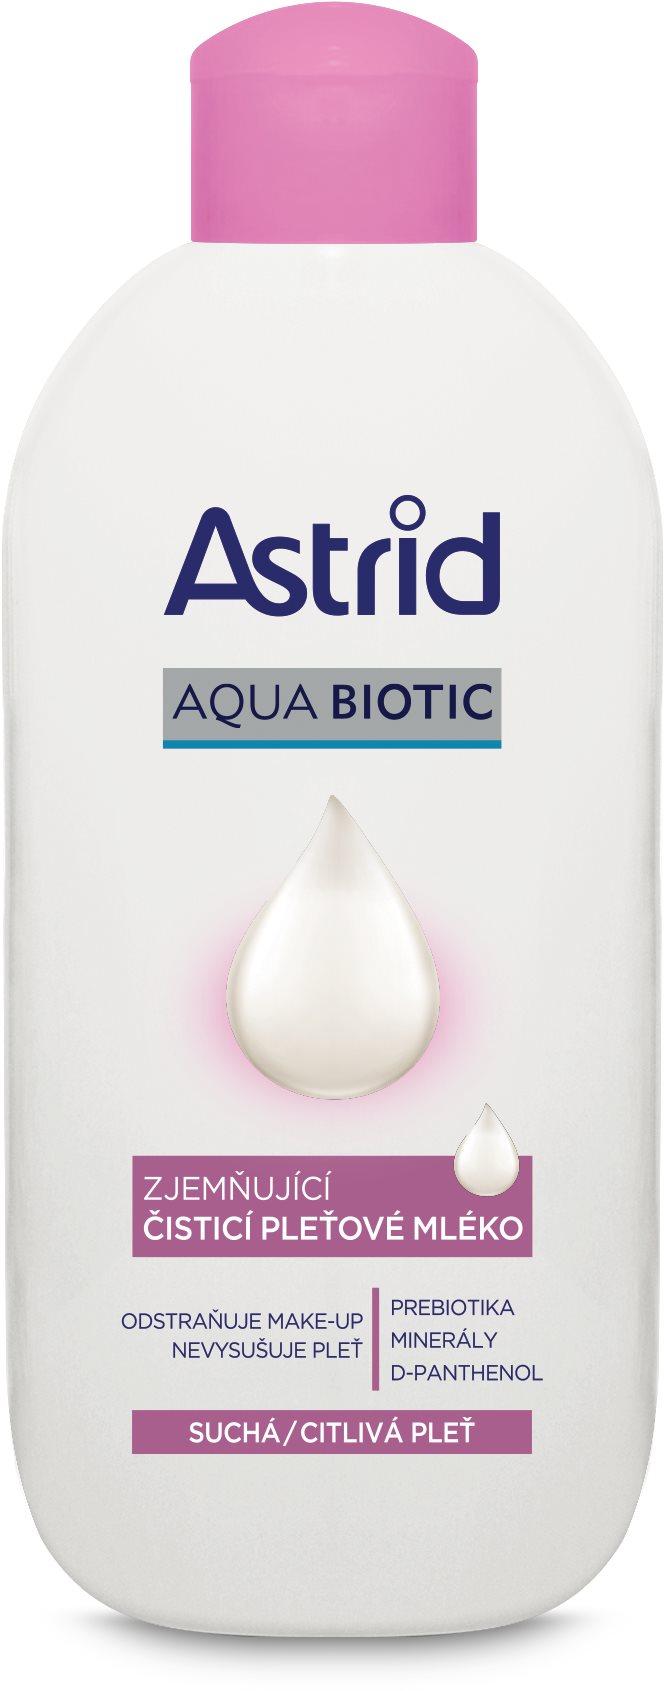 ASTRID Soft Skin arctej 200 ml